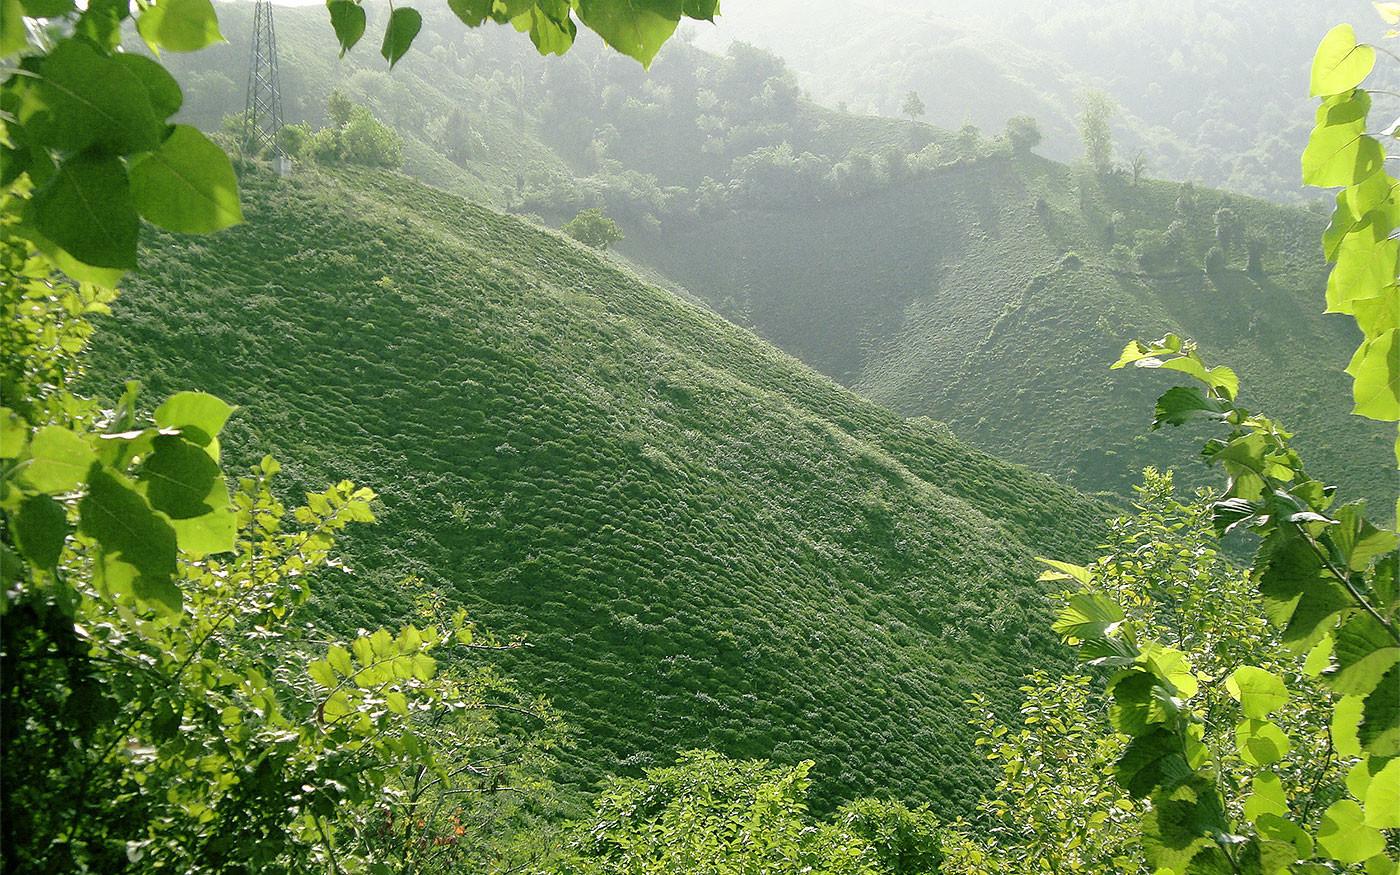 Фото: © Википедия/Arvid Qasemy